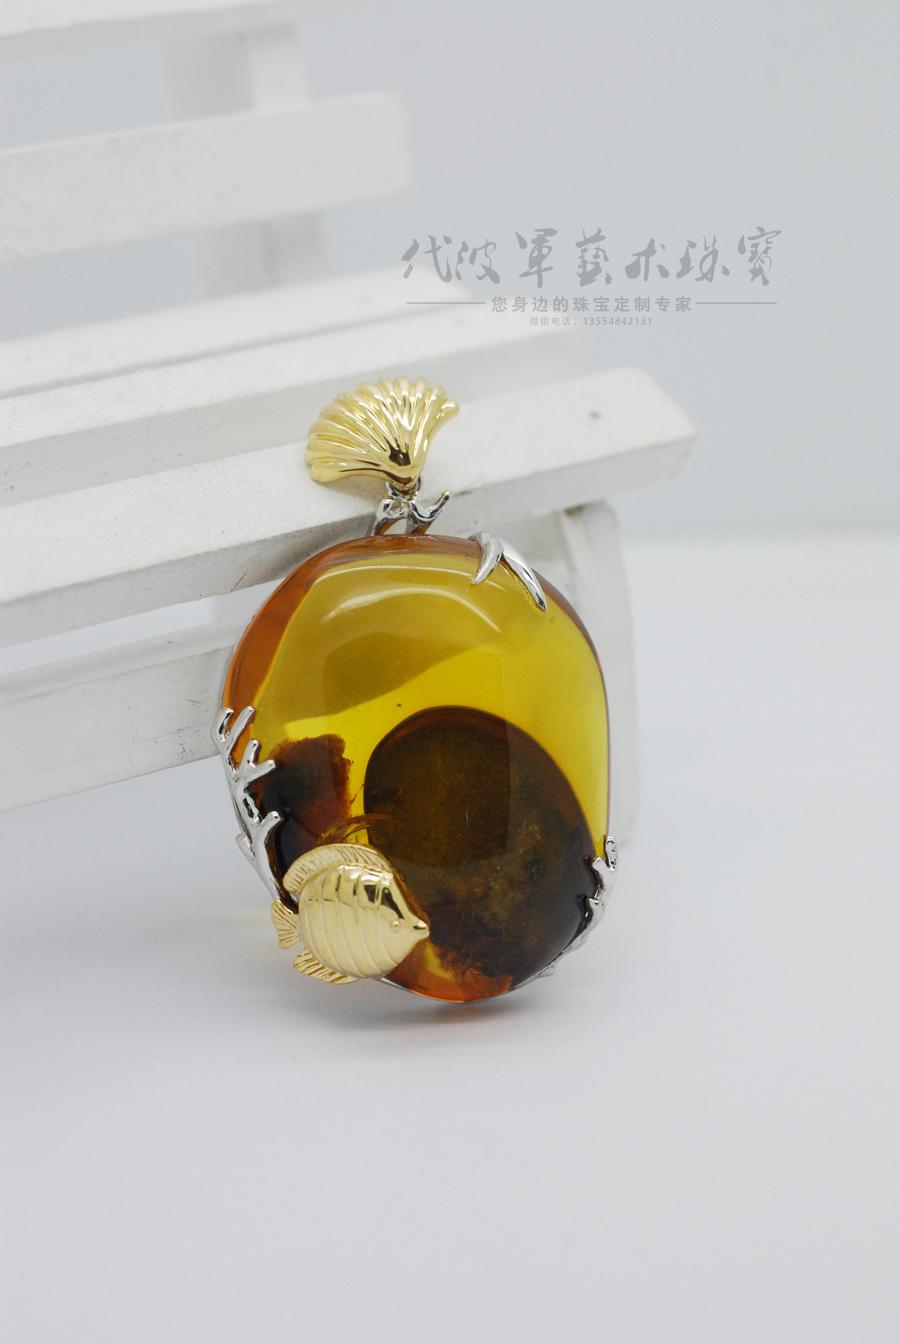 查看《代波军艺术珠宝定制-----琥珀中的海洋世界作品欣赏》原图,原图尺寸:900x1344